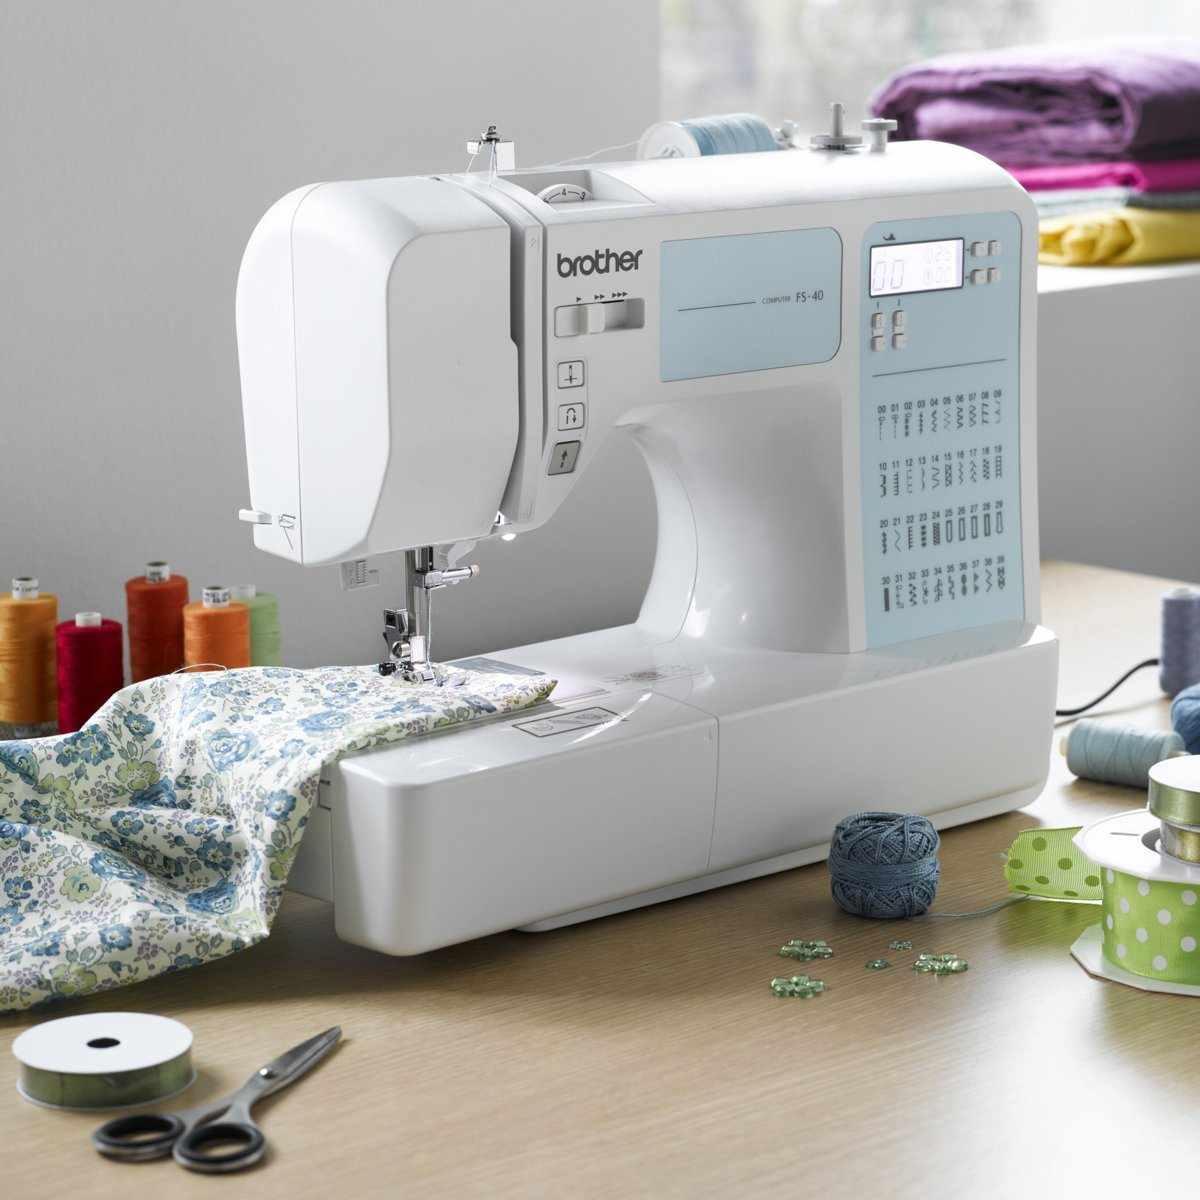 premiers pas dans la couture dans l 39 entreprenariat couture entre soeurs. Black Bedroom Furniture Sets. Home Design Ideas